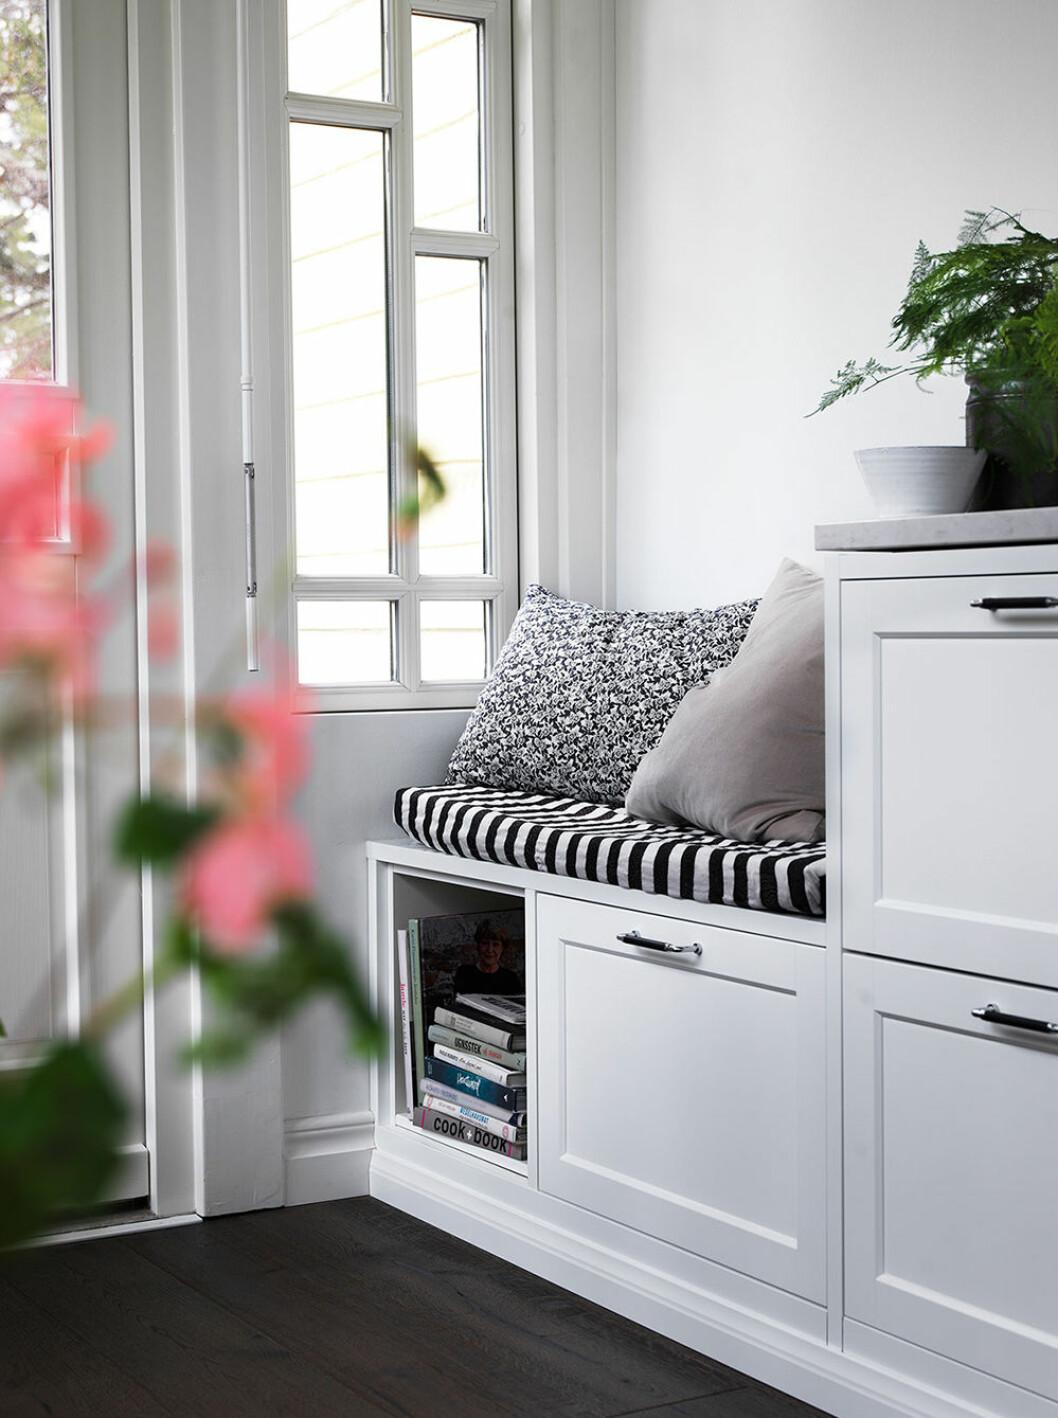 Platsbyggd sittbänk i ett hörn